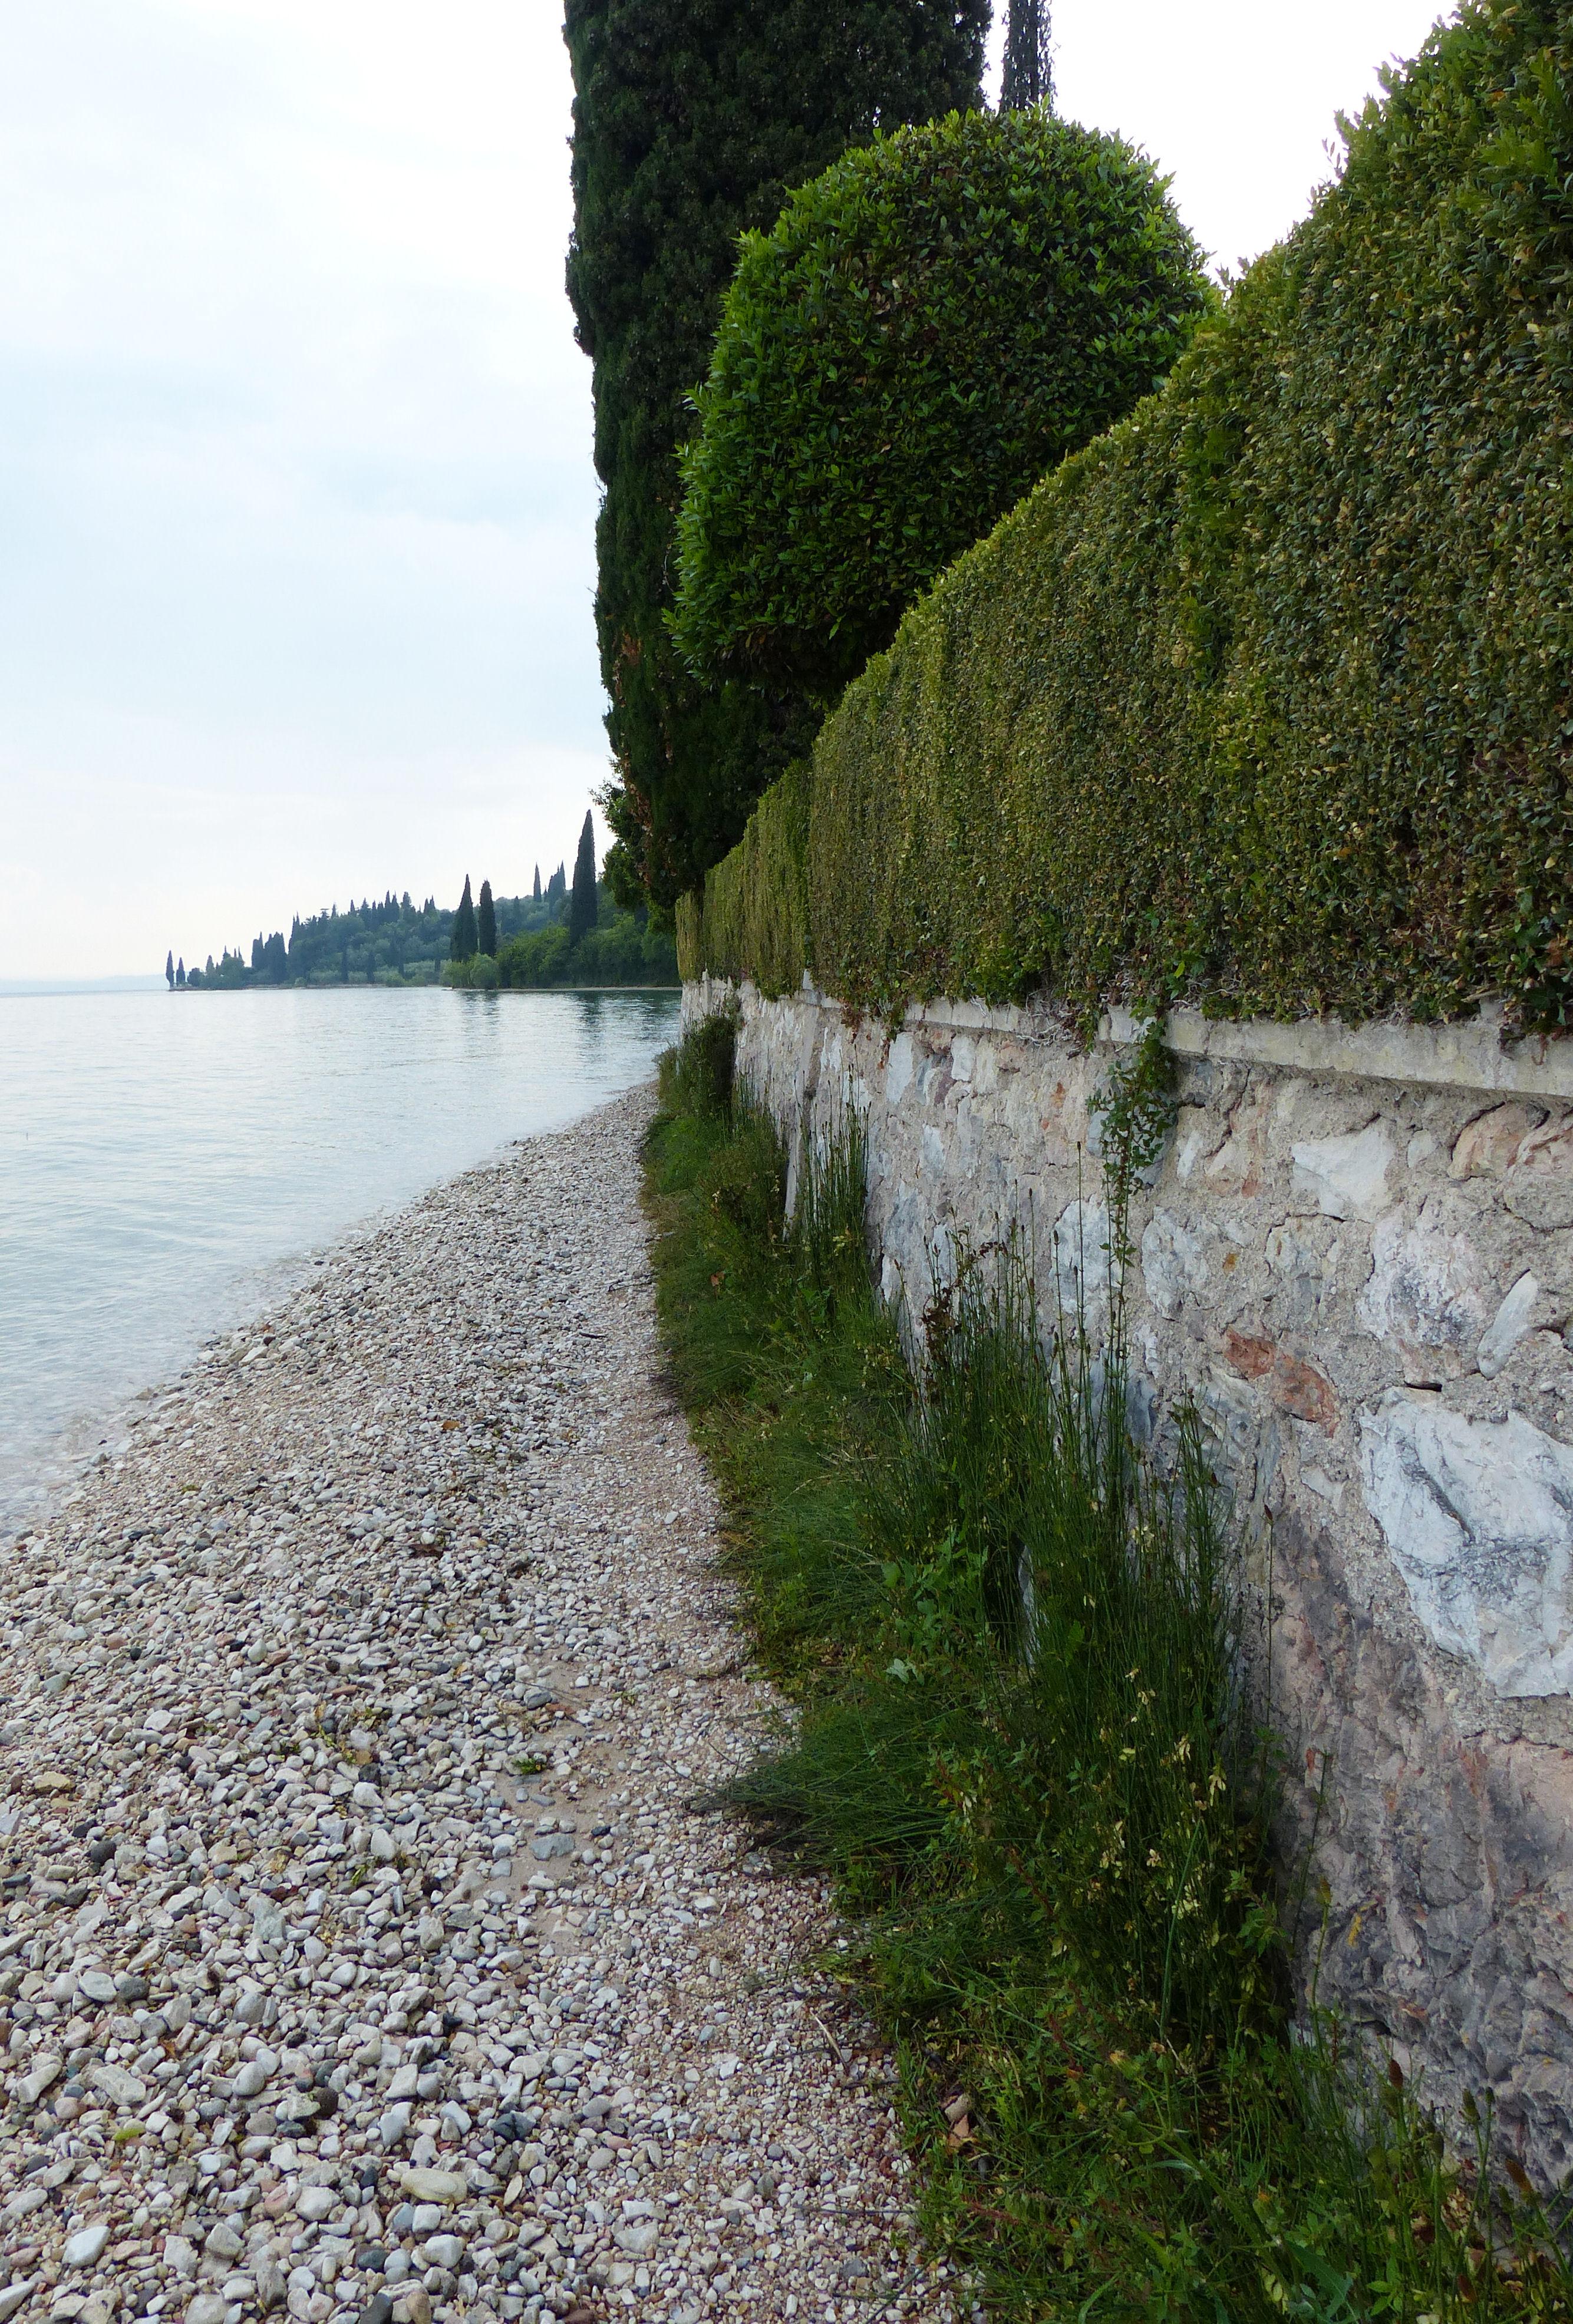 © Dipartimento di Scienze della Vita, Università di Trieste<br>by Andrea Moro<br>Comune di Garda, lungo la passeggiata per Punta San Vigilio, VR, Veneto, Italia, 03/06/2016<br>Distributed under CC-BY-SA 4.0 license.